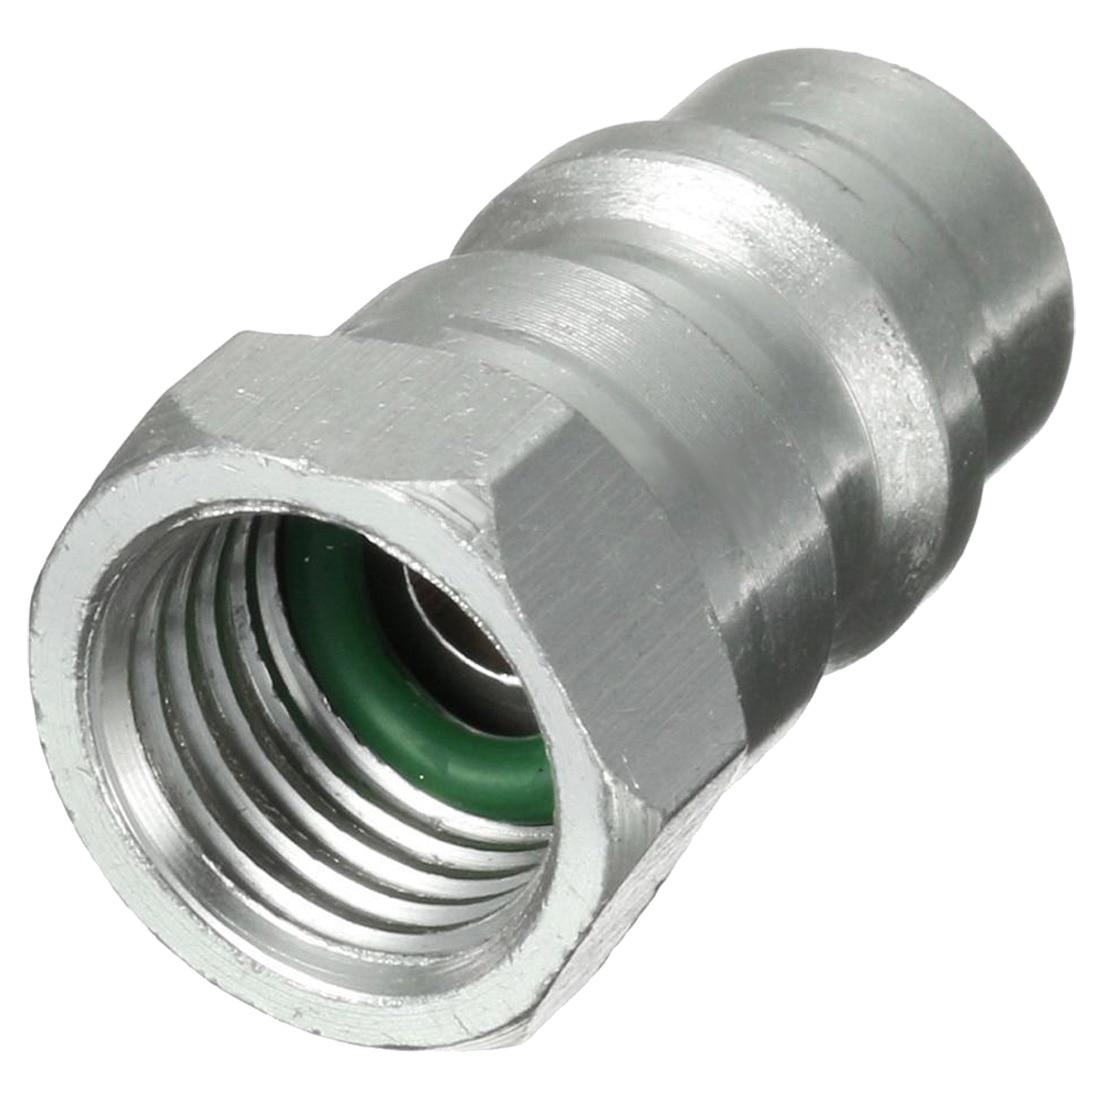 Eleg-r12 R22 R502 Zu R134a Schnelle Schnelle Umwandlung Adapter Ventil 1/4 zu 8v1 Gewinde Uns Modische Und Attraktive Pakete Sanitär Ventil